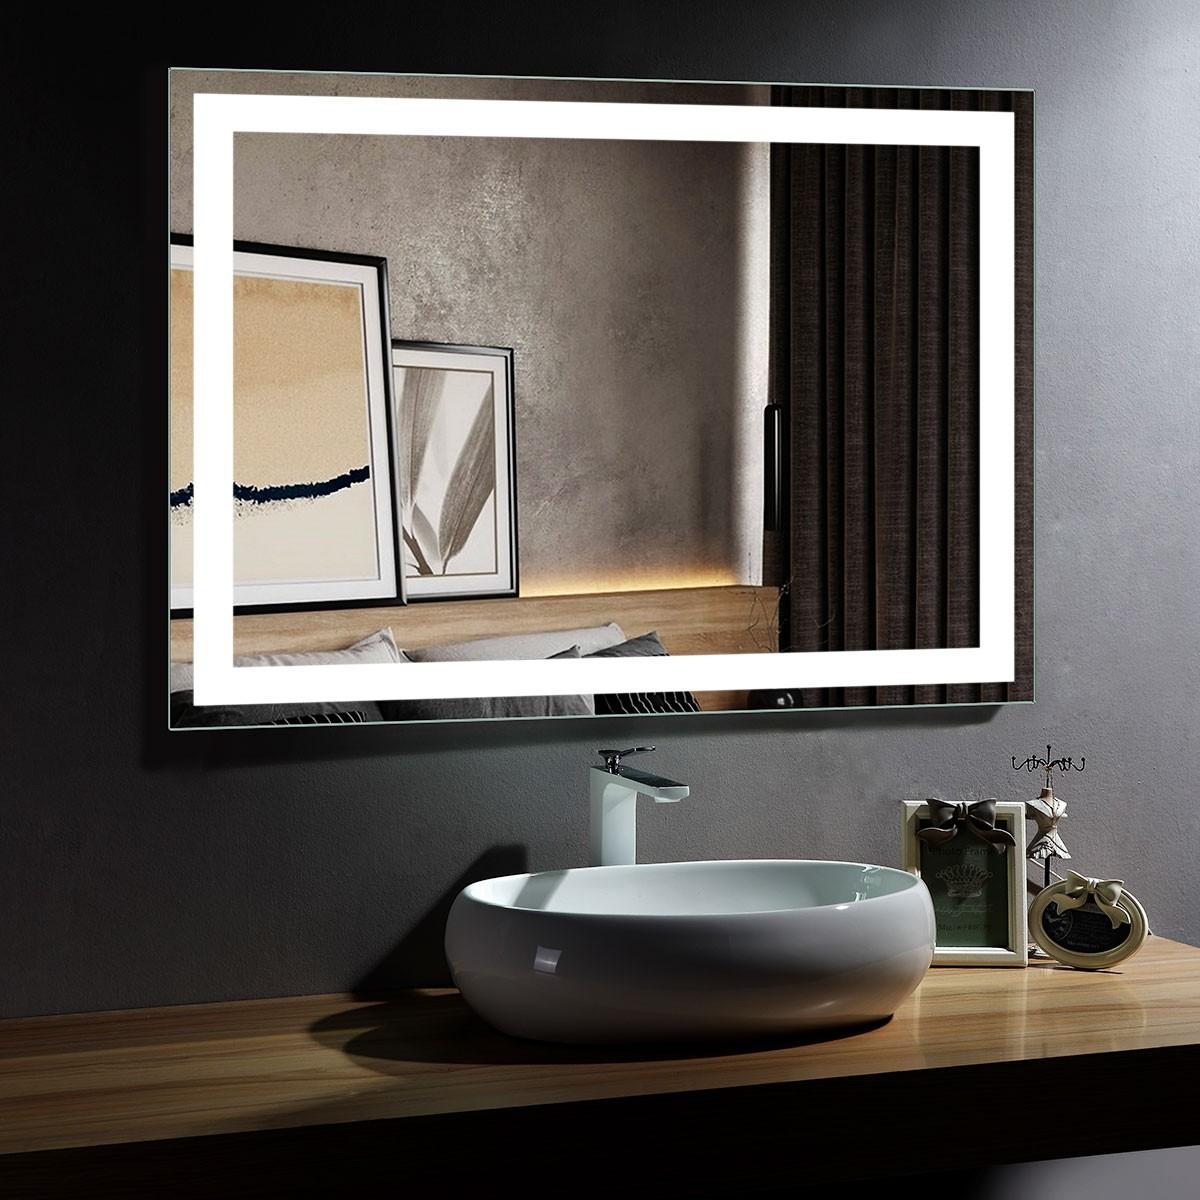 DECORAPORT 48 x 36 Po Miroir de Salle de Bain LED/Miroir Chambre avec Contrôle du Capteur Infrarouge, Anti-Buée, Montage Vertical & Horizontal (CG07-4836)